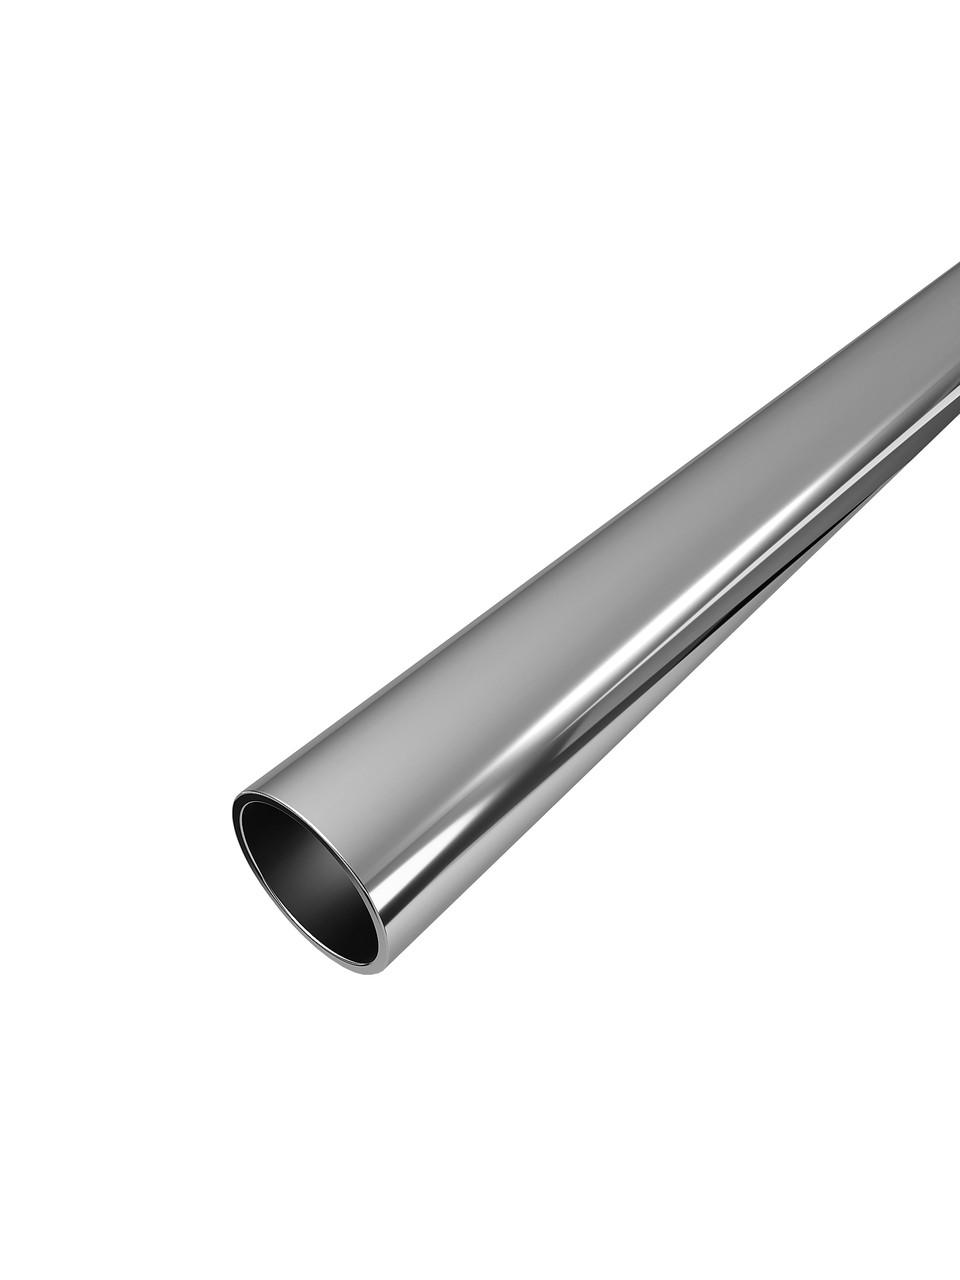 ODF-09-11-02-L1000 Штанга для душевых кабин из нержавейки, длинной 1000 мм,диаметром 16 мм, полированная